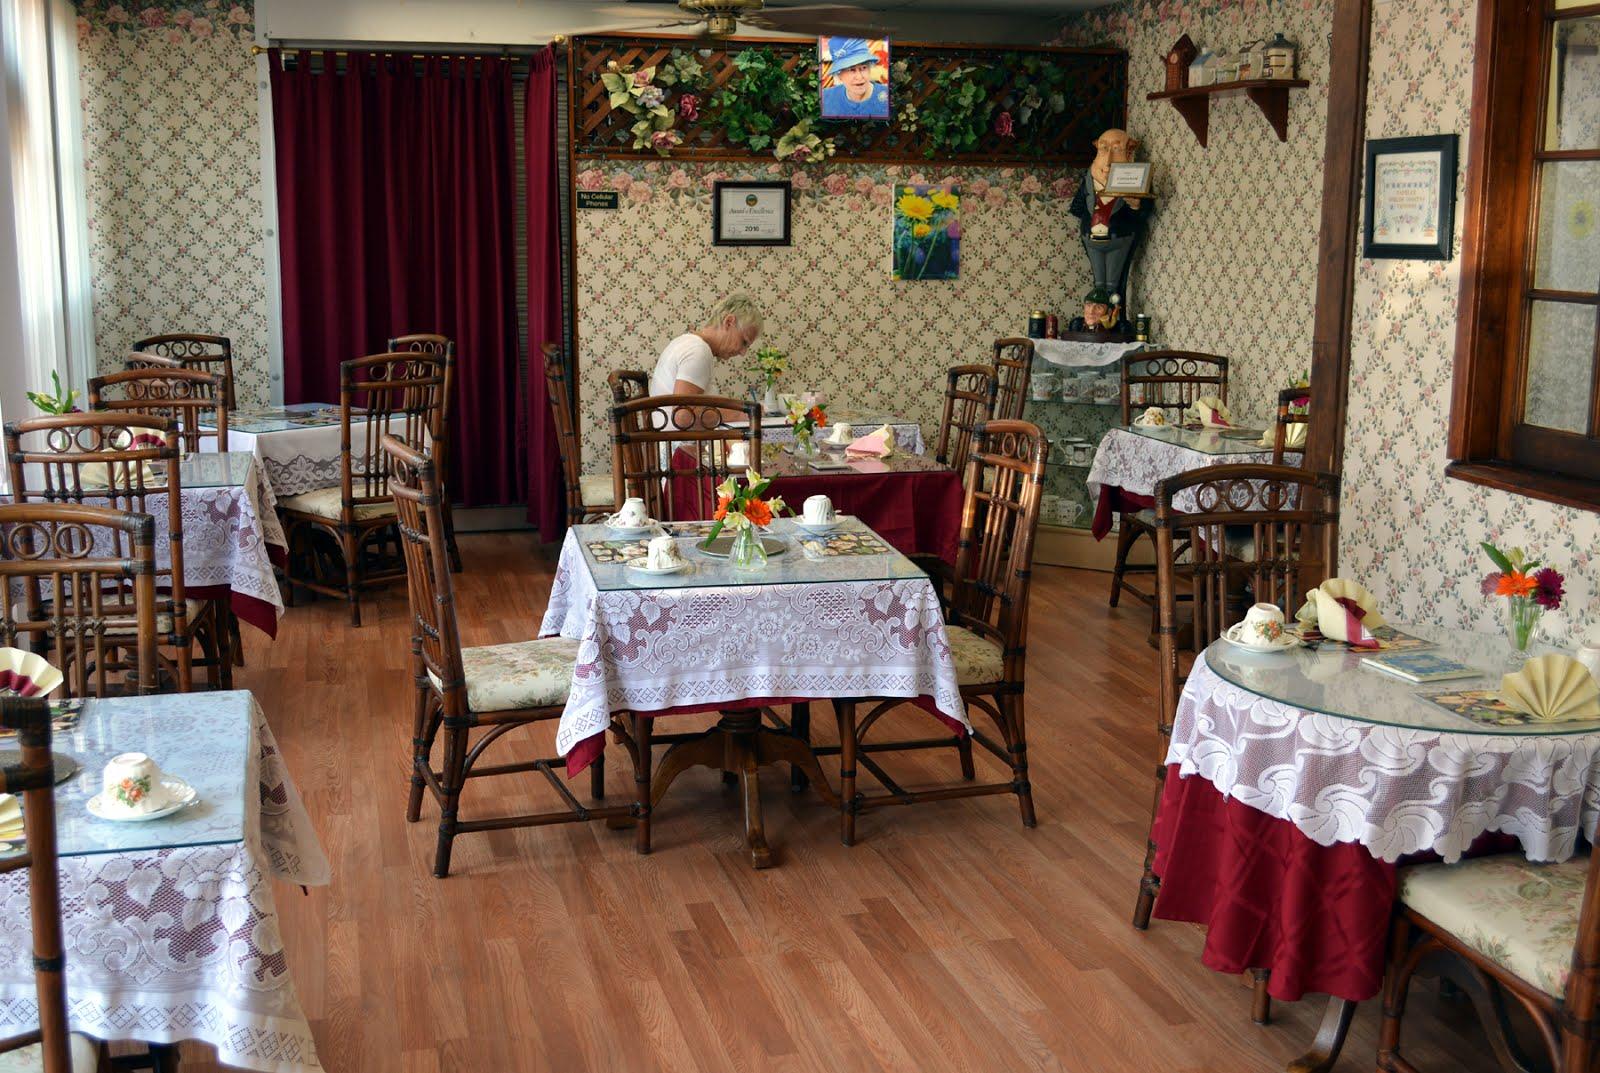 Pamela's Tea Room: Tea Room on irish pub, irish chocolate, dower house, irish waterfall, irish buffet, irish dome house, irish german, coffee house, spinning house, irish bath house, irish garden, irish shed, irish asian, irish soup, jasmine house, irish home, irish balcony, english cottage house, irish fine dining,